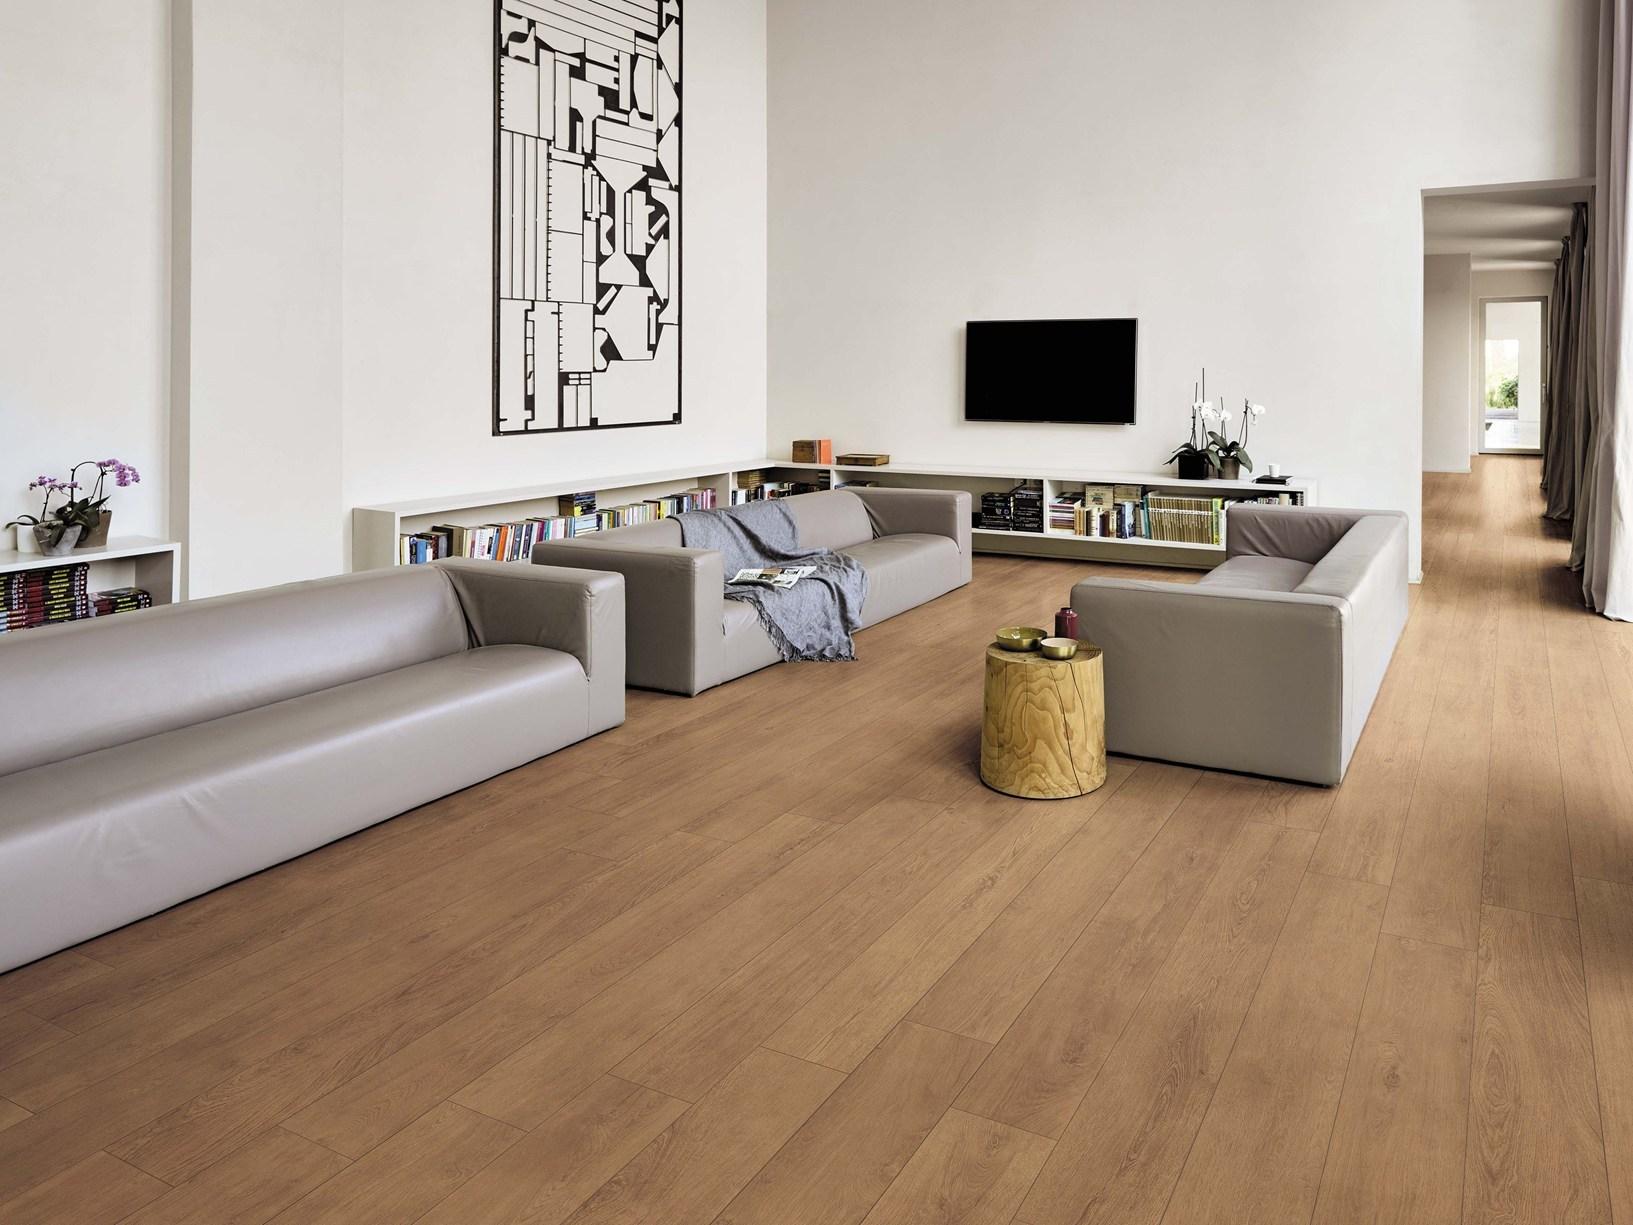 ristrutturazione napoli varriale interior design ambientazione